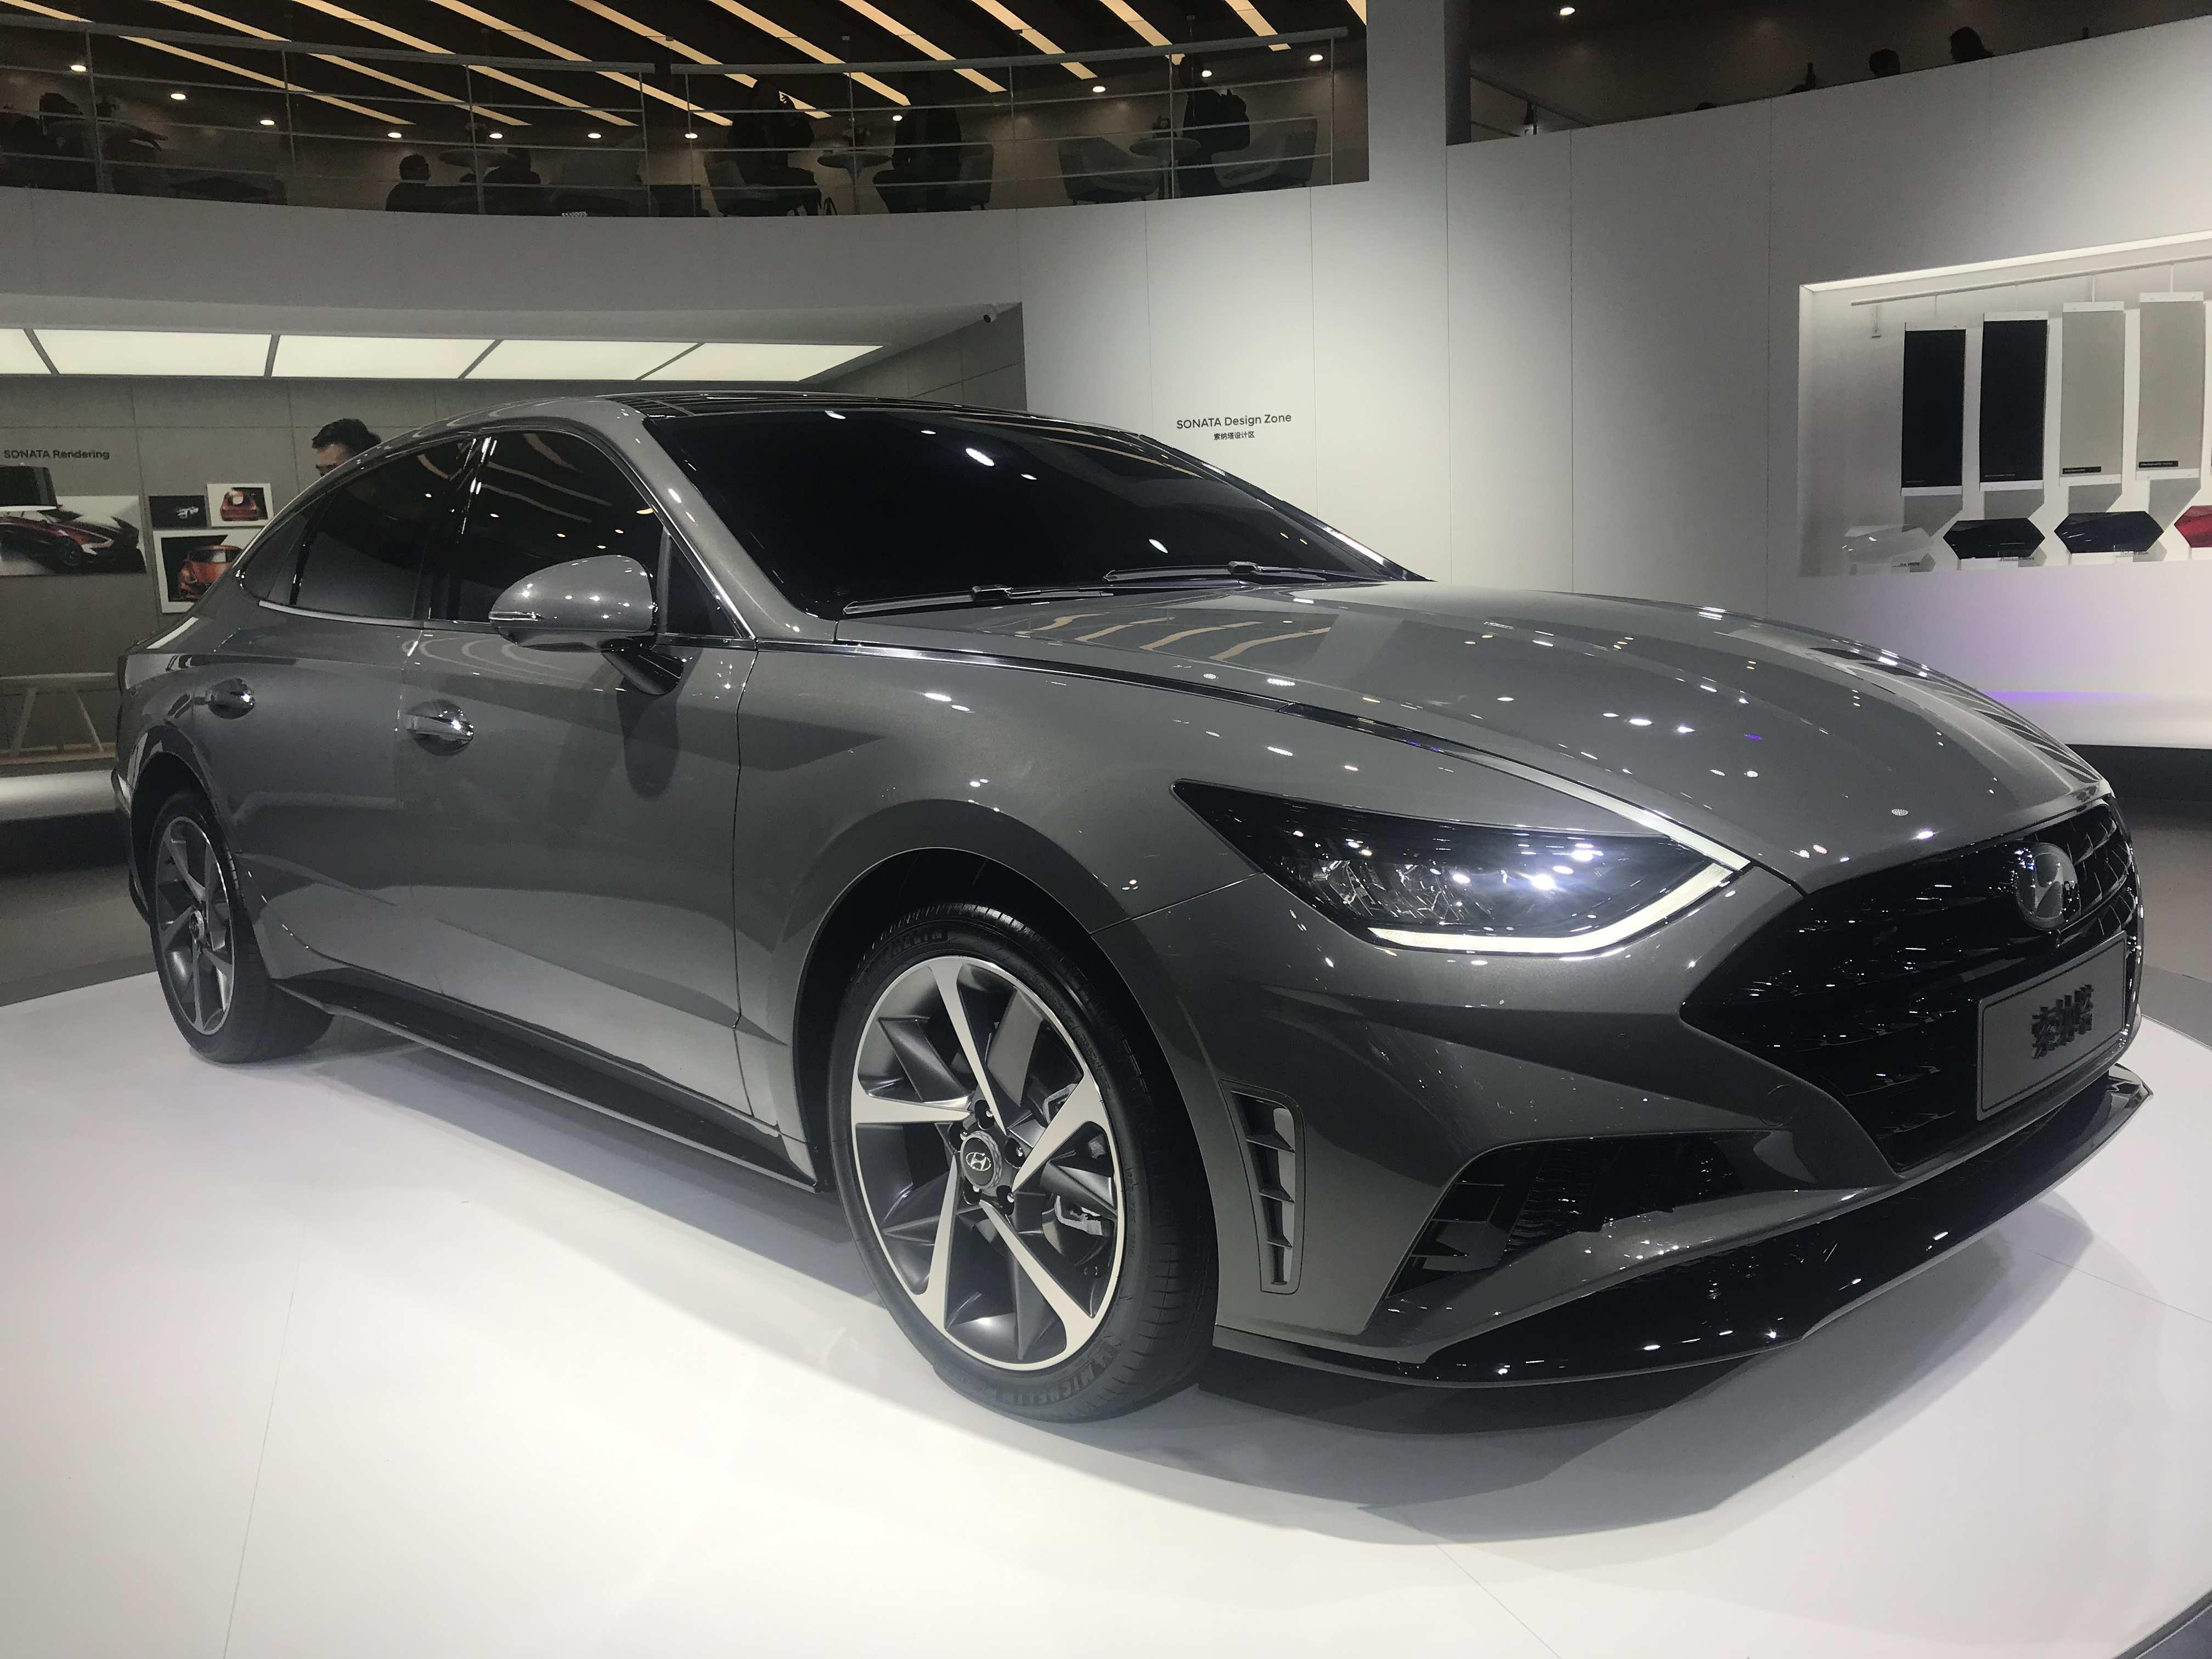 61 All New Hyundai Y20 2020 Style by Hyundai Y20 2020